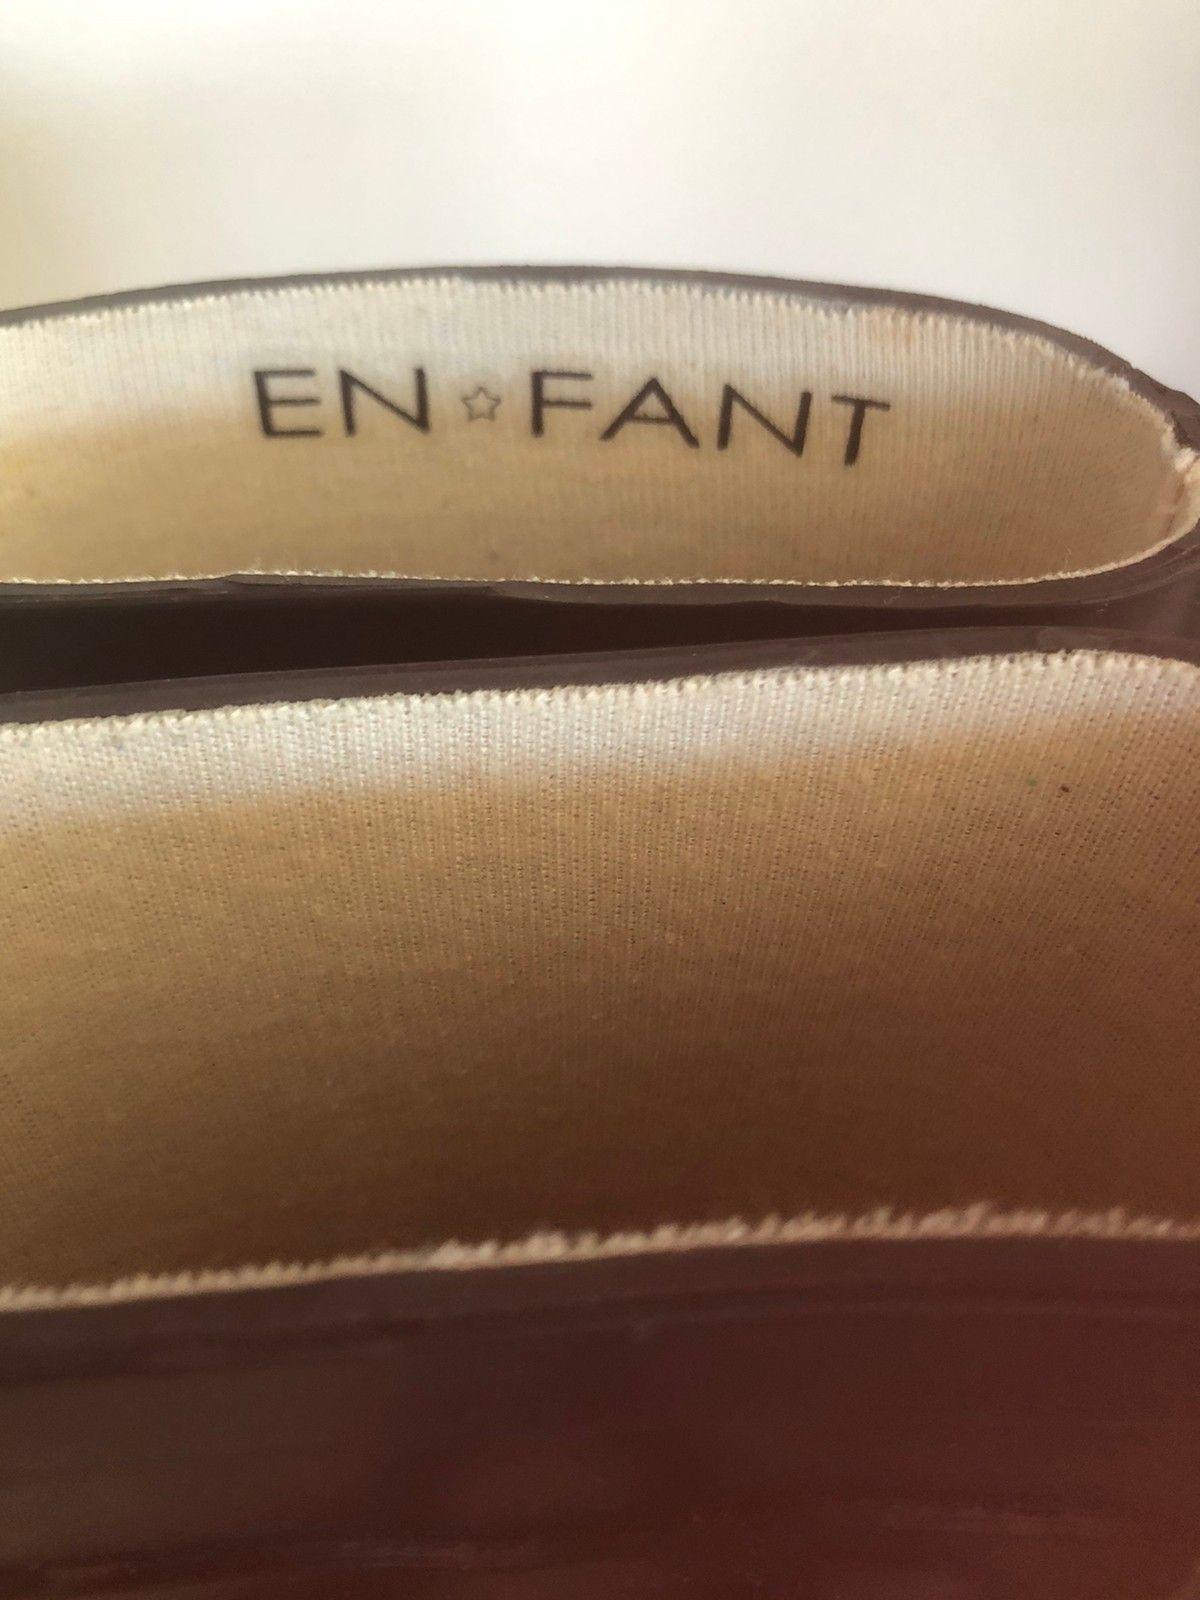 Meget pent brukte gummistøvler fra Enfant str 24 | FINN.no